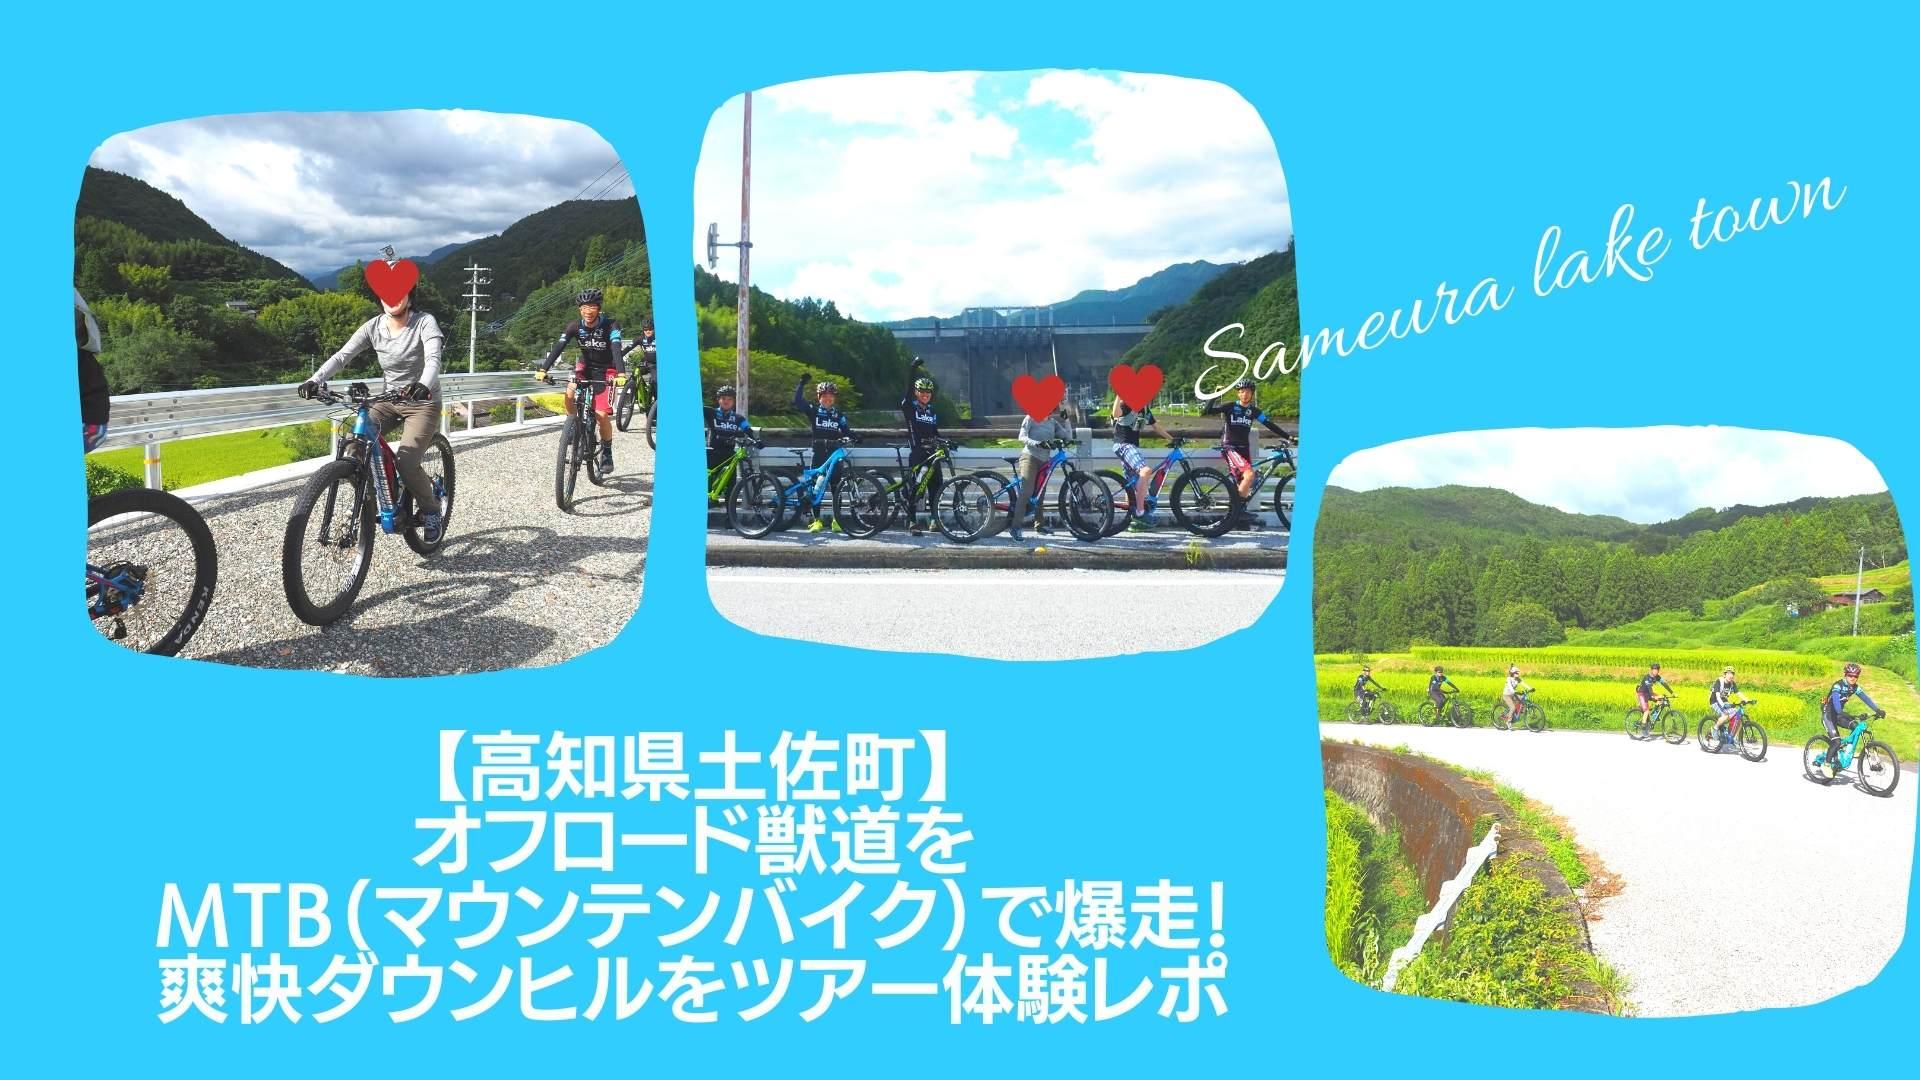 【高知県土佐町】 オフロード獣道を MTB(マウンテンバイク)で爆走! 爽快ダウンヒルをツアー体験レポ